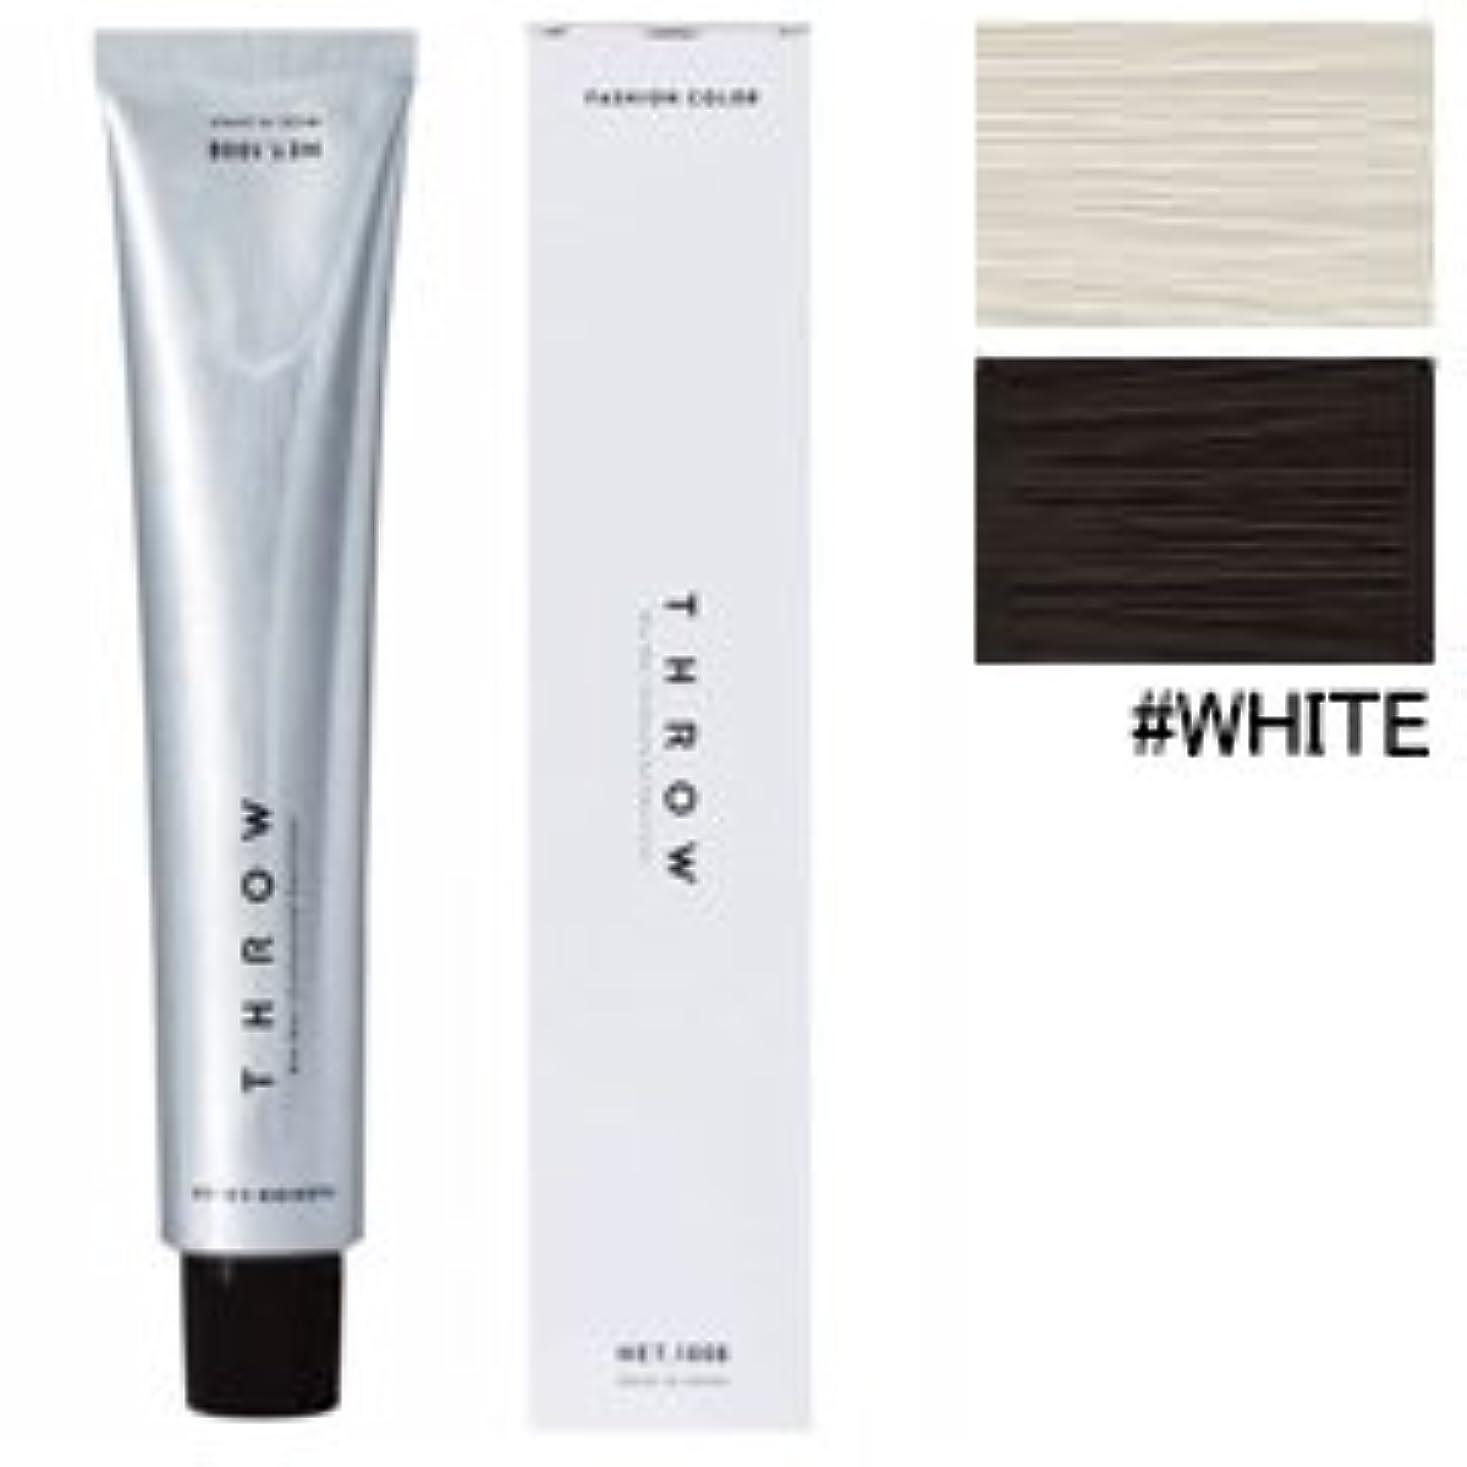 差抽象コンピューターゲームをプレイする【モルトベーネ】スロウ ファッションカラー #WHITE 100g